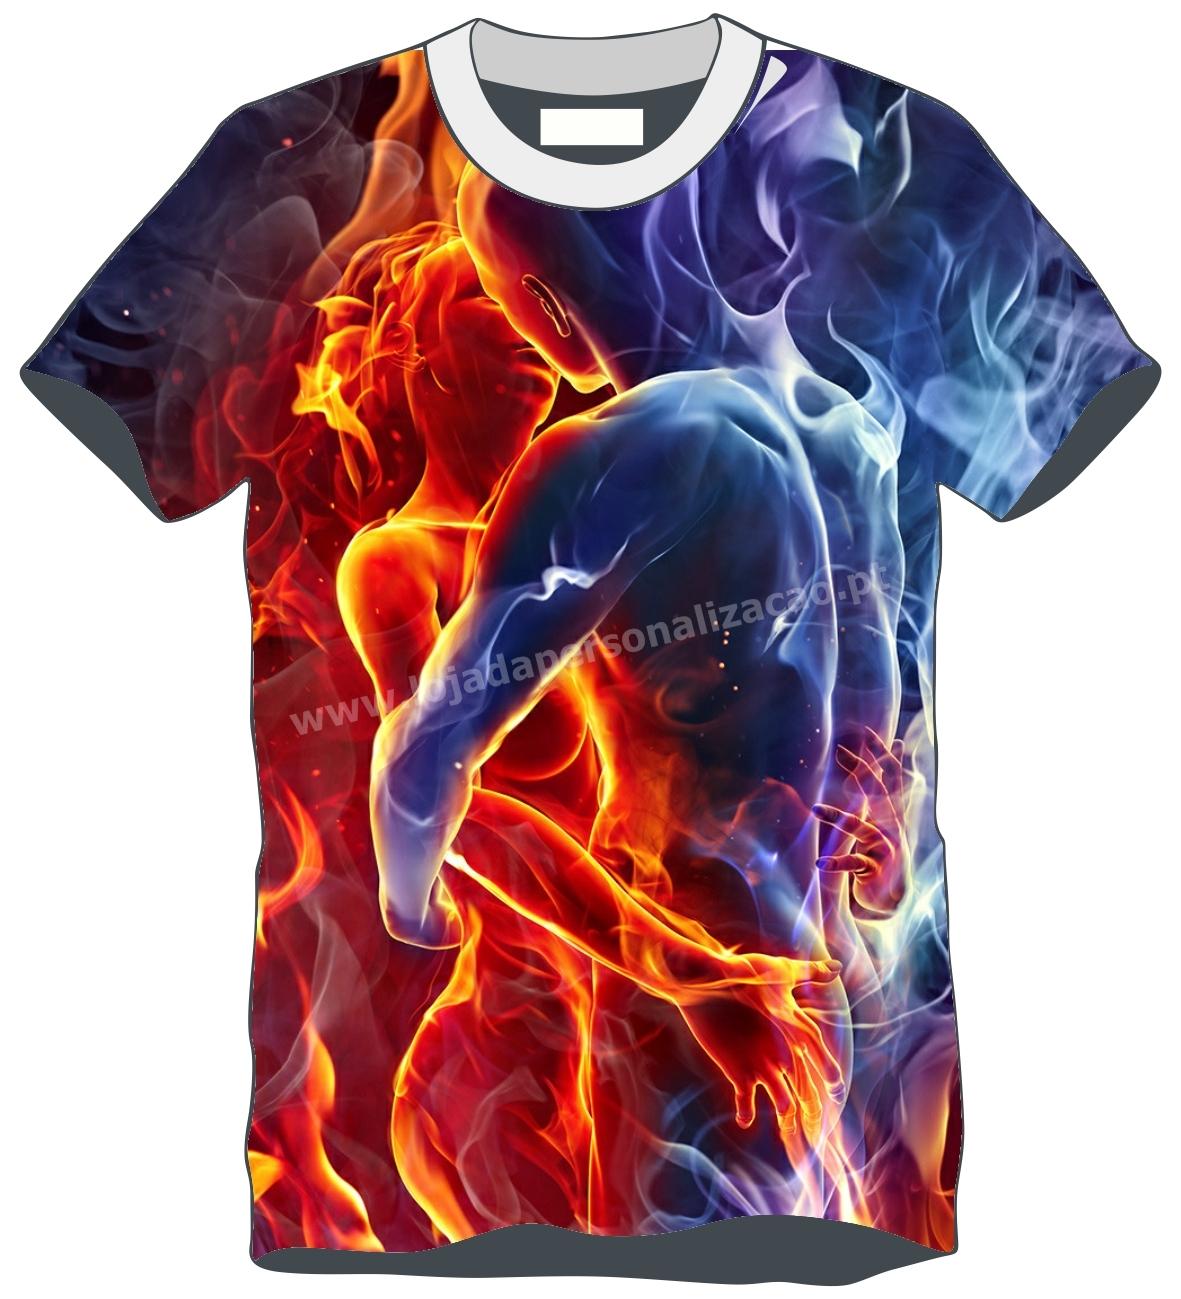 T-Shirt Art (14)